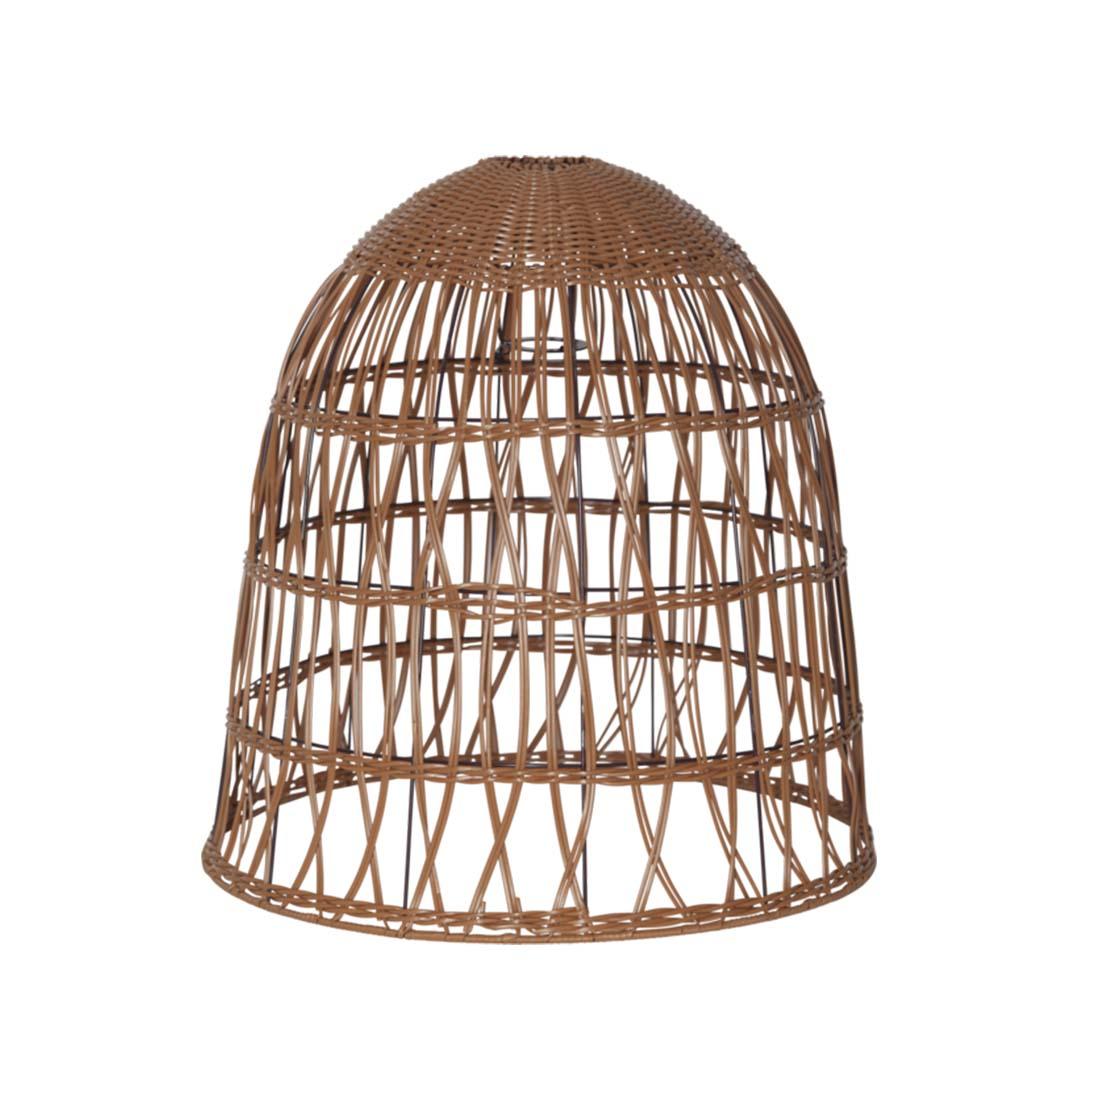 Välkända Trädgårdsbelysning - Köp trädgårdslampor online   Lampan.se LR-67